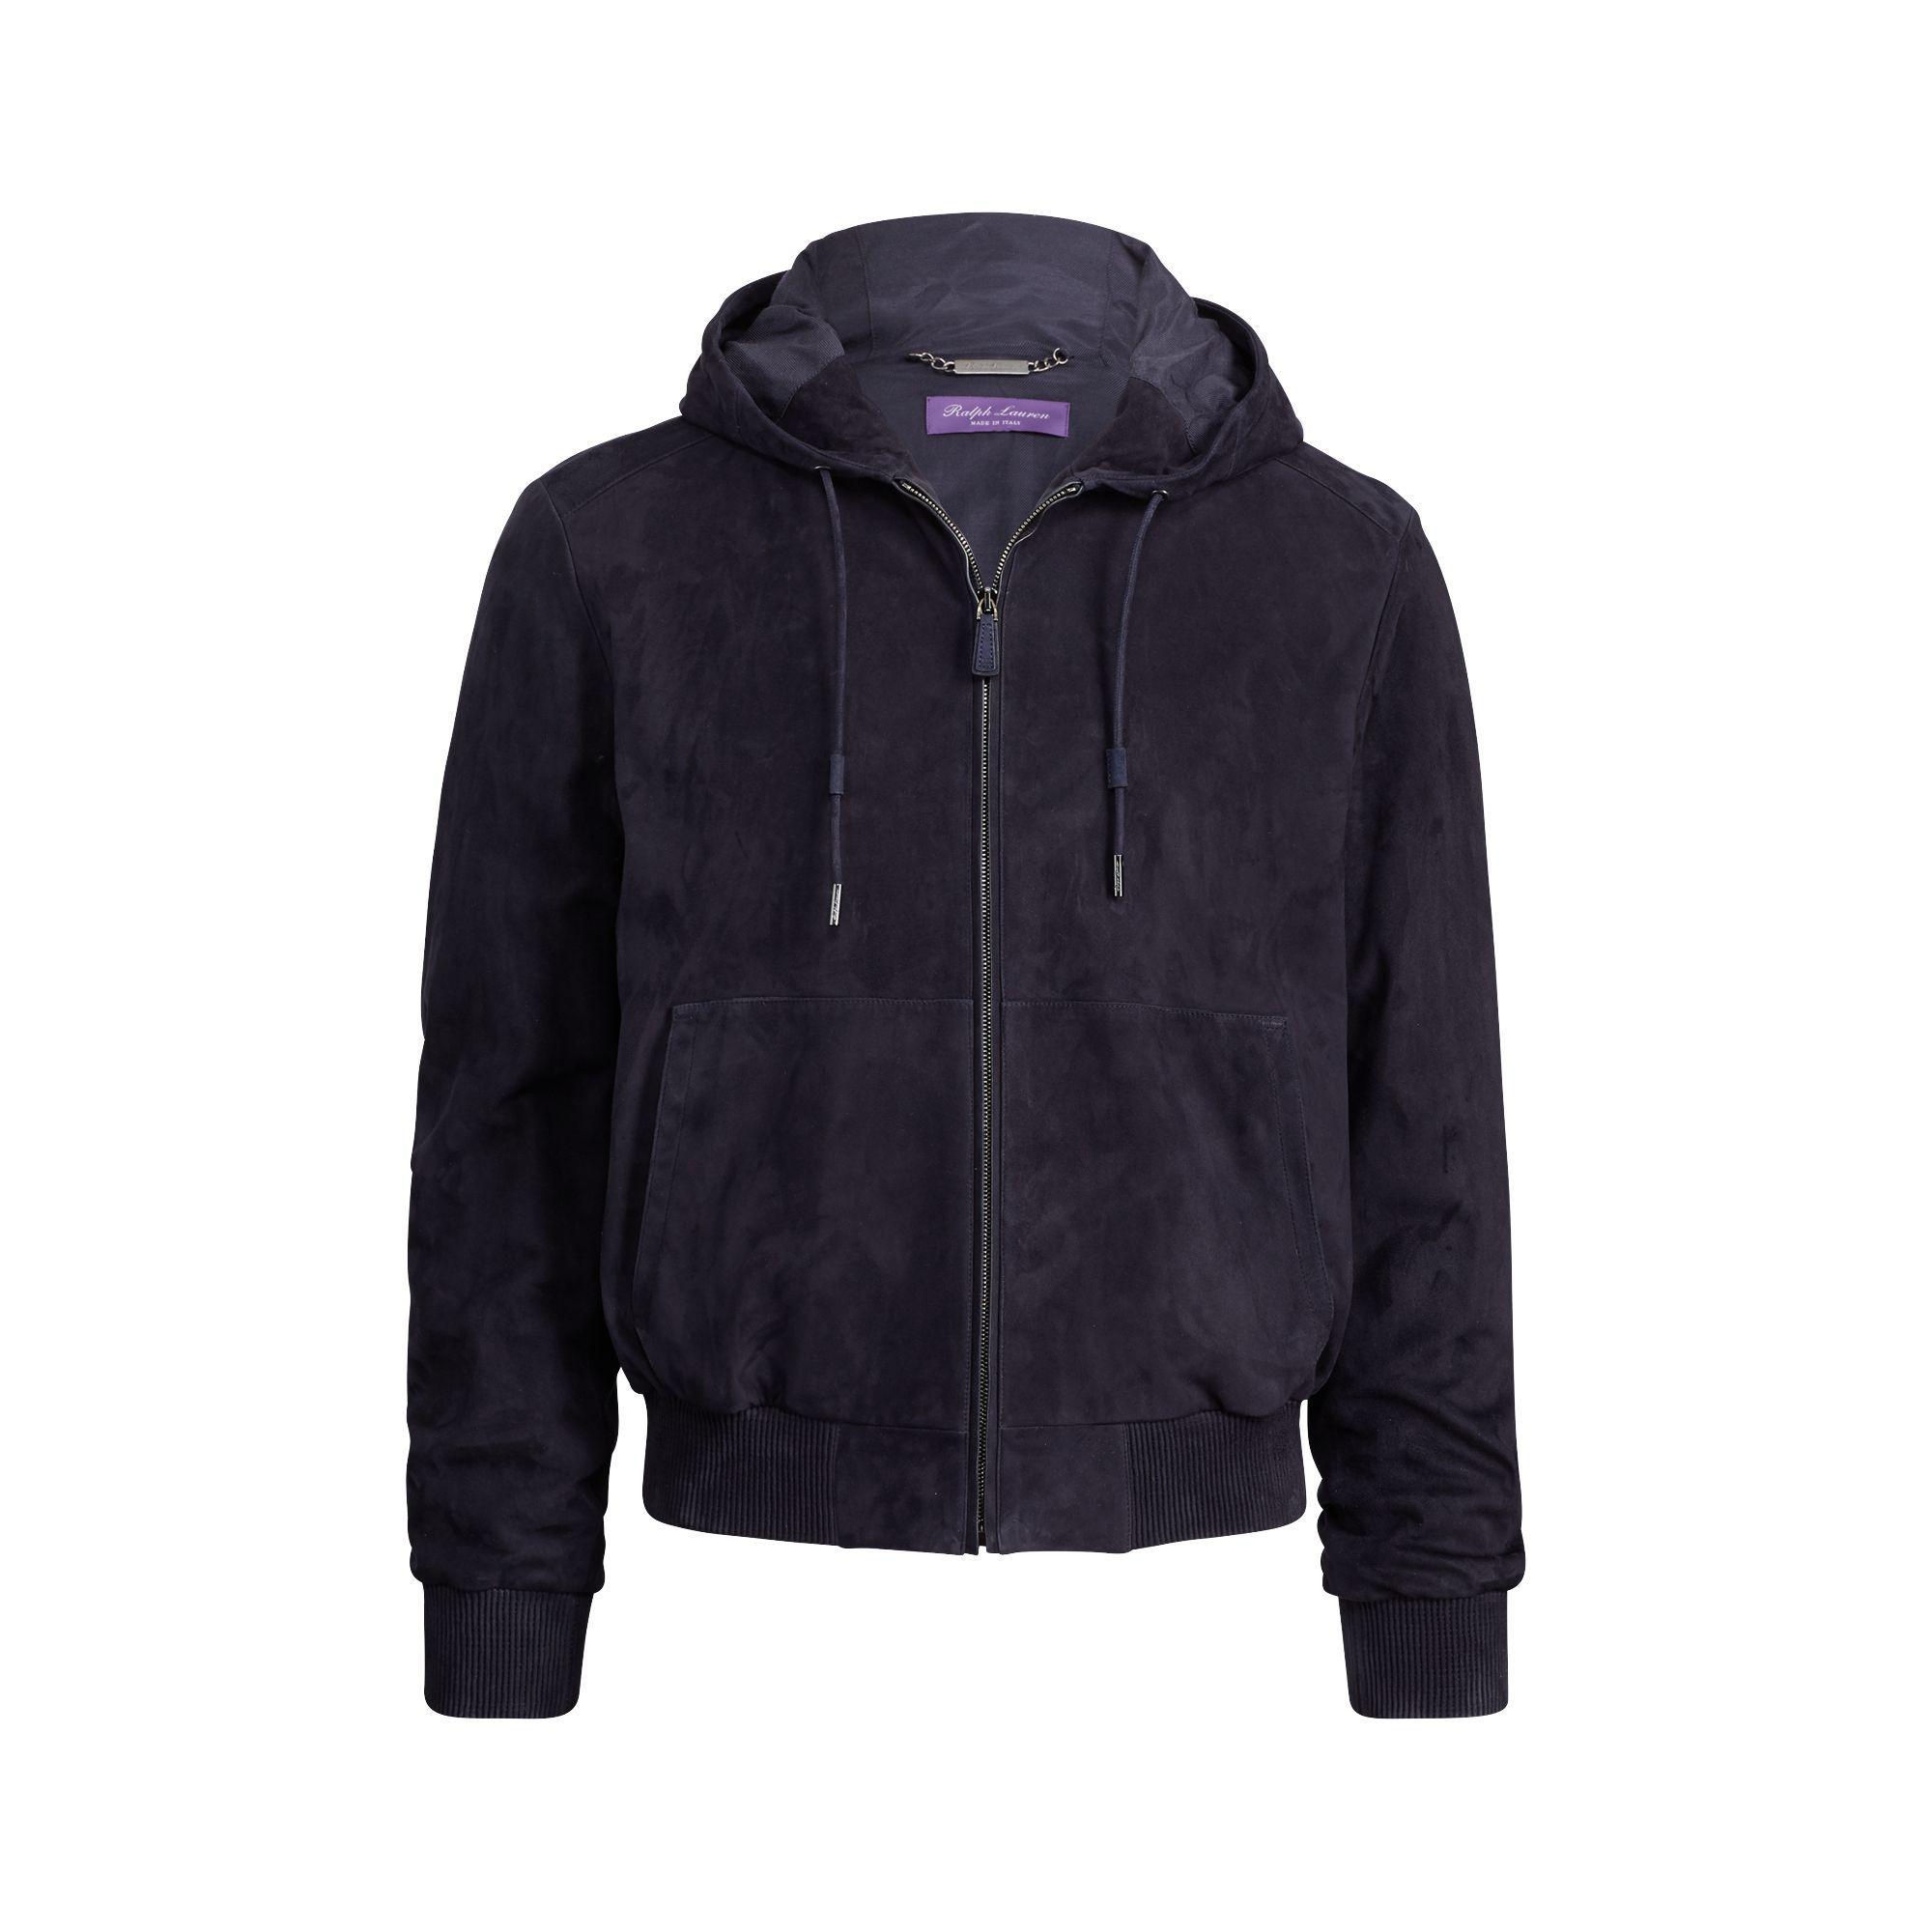 4b07a4151c3 Lyst - Ralph Lauren Purple Label Suede Full-zip Hoodie in .